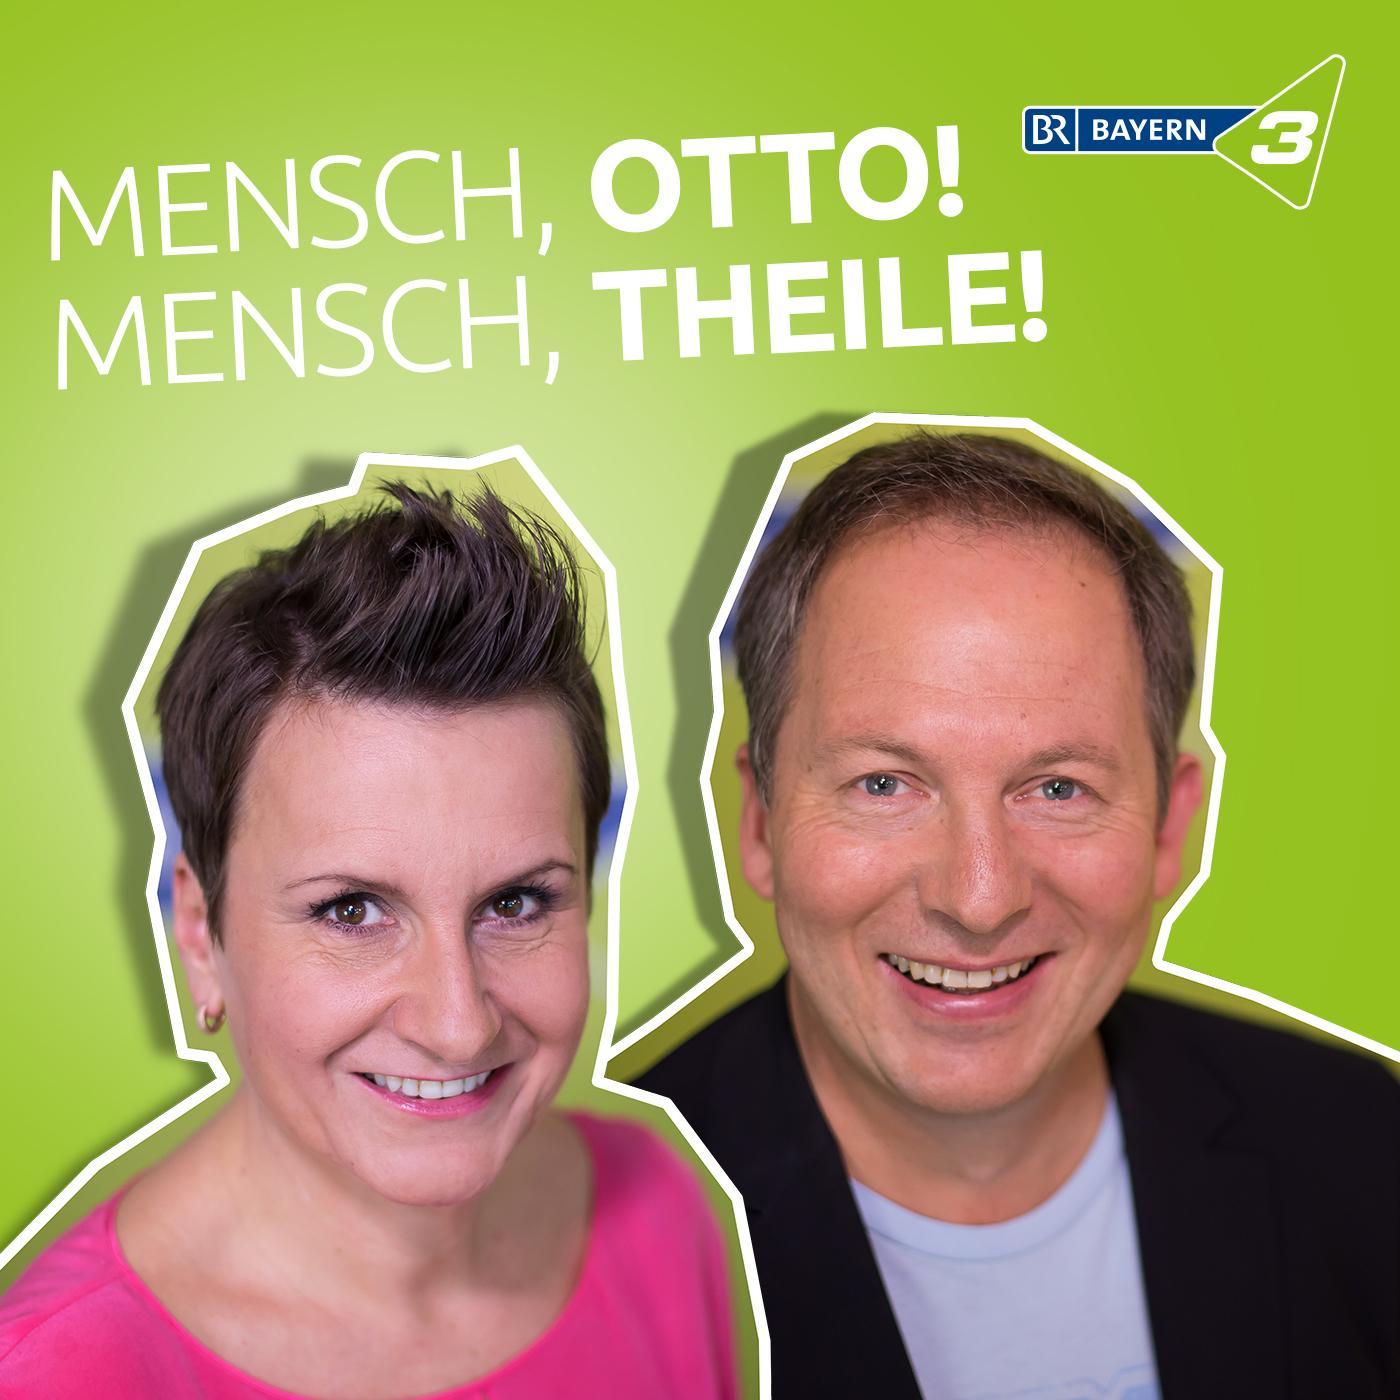 Mensch, Otto! - Mensch, Theile!